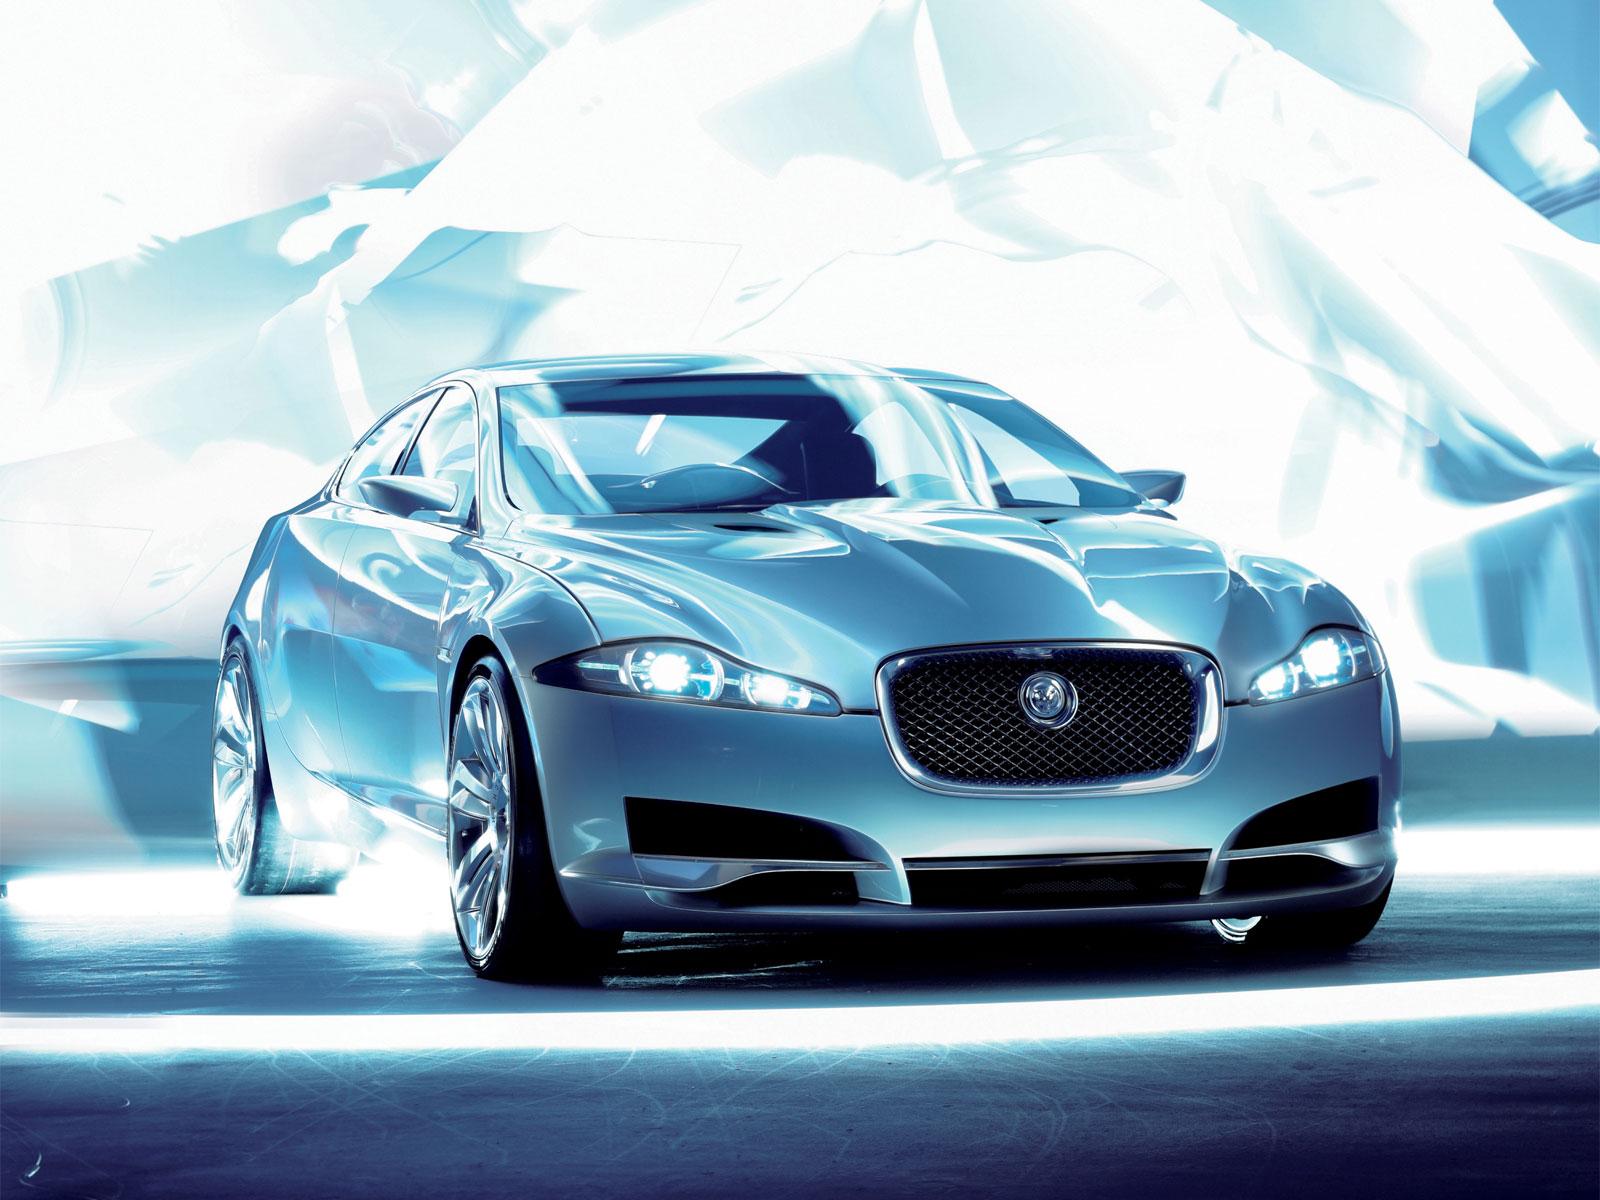 Wallpaper download jaguar - Hd Wallpapers Jaguar Hd Wallpapers Free Download Full Hd Wallpapers